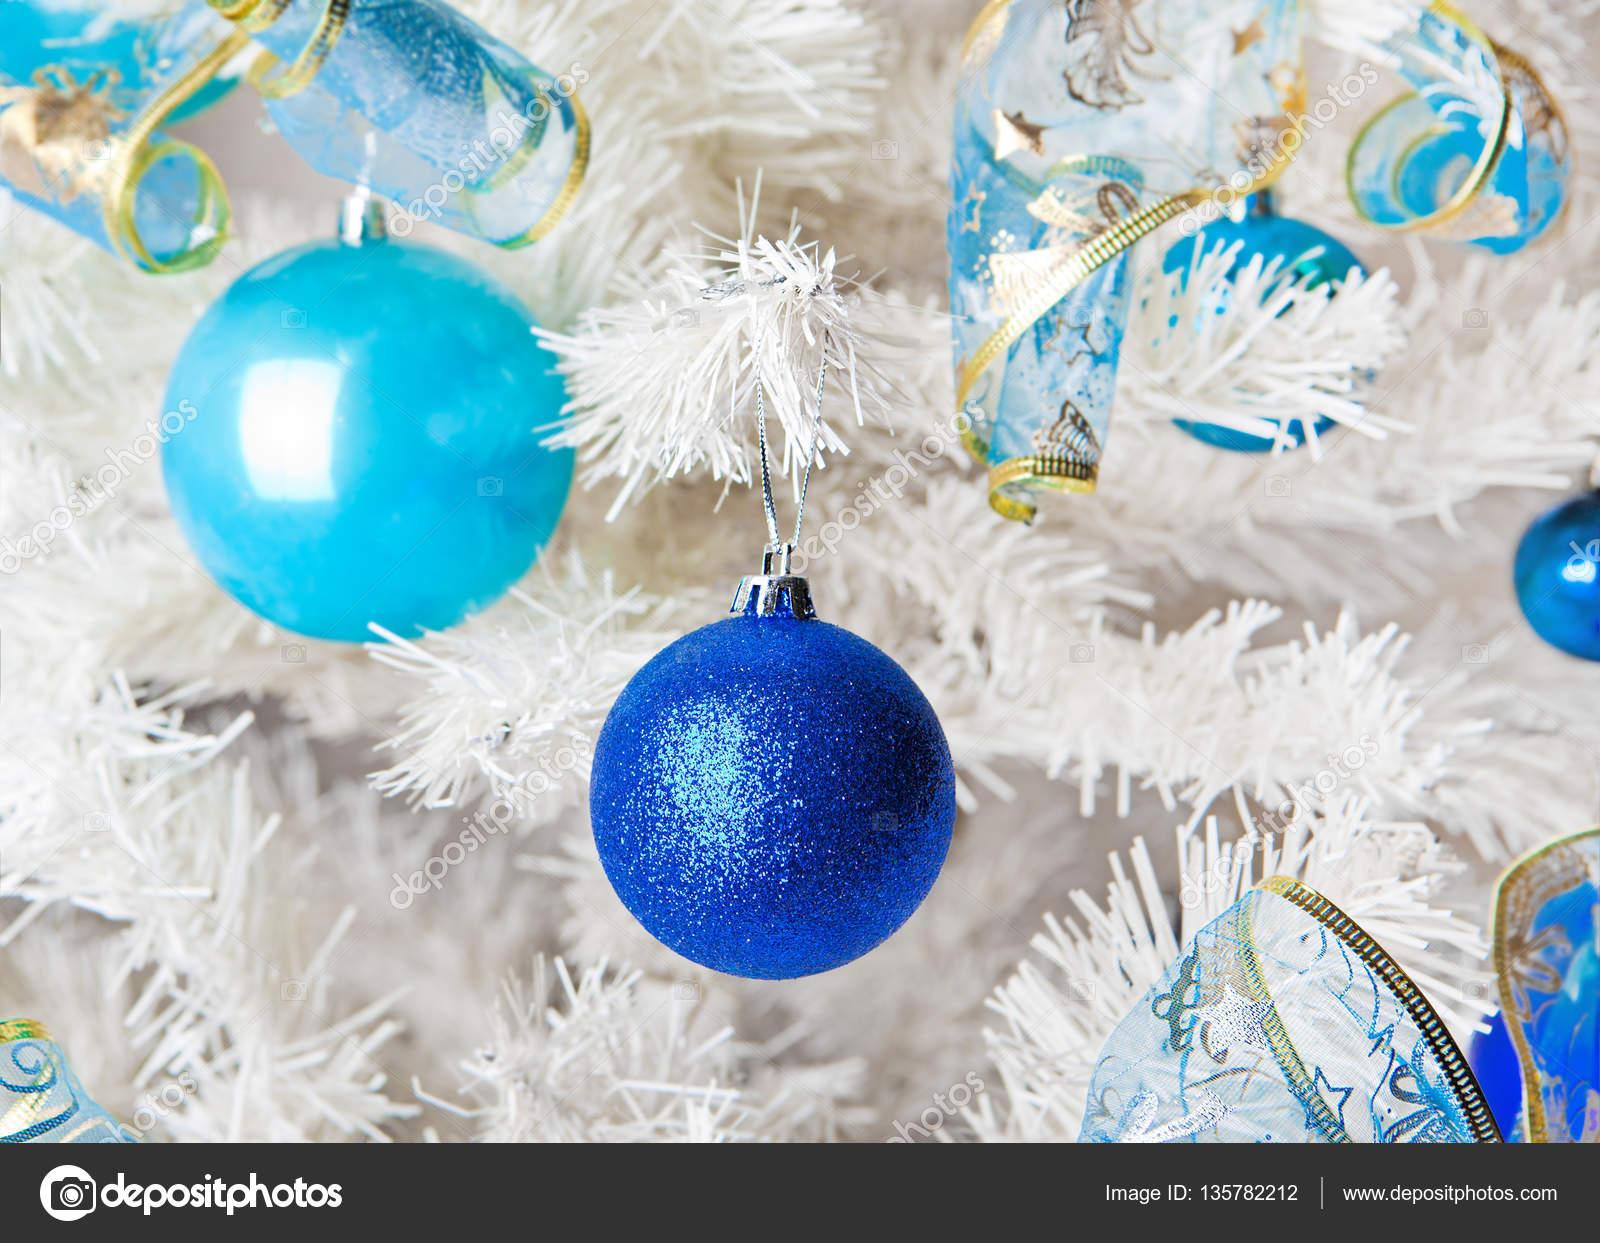 Albero Di Natale Con Decorazioni Blu : Bianco albero di natale con blu e bianco decorazioni di natale